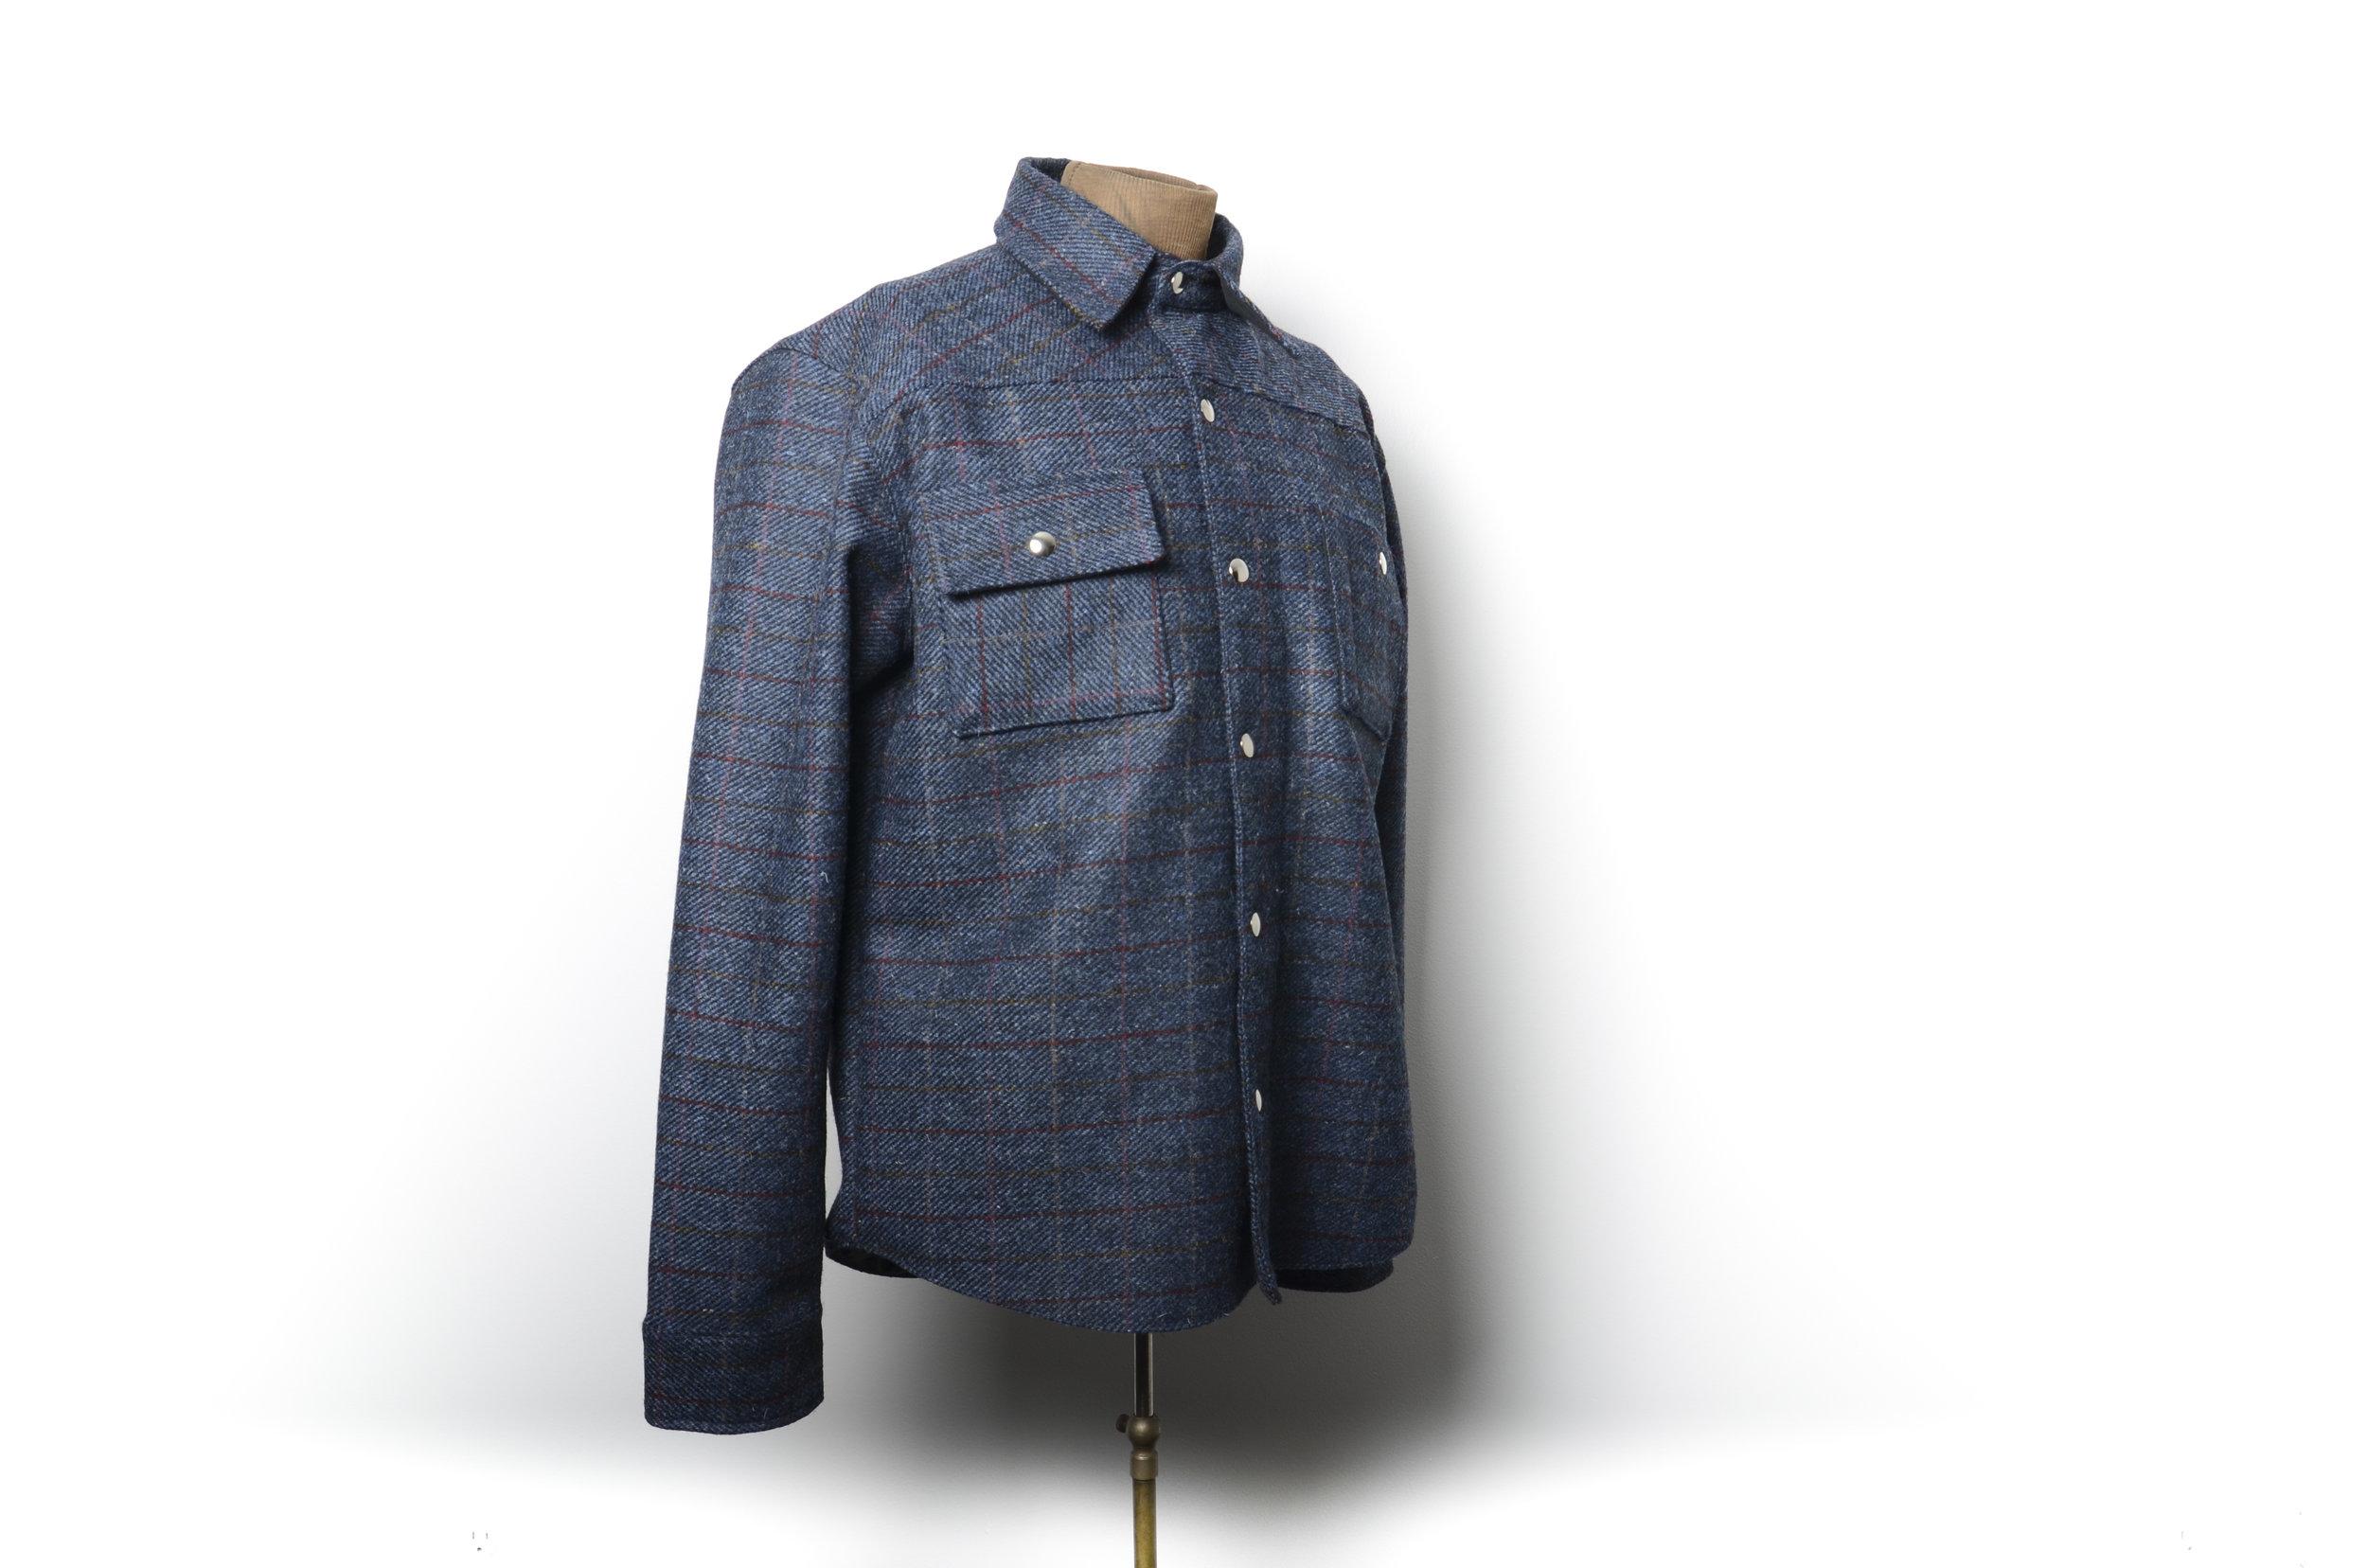 Black Bear Brand shirt jacket in Harris Tweed